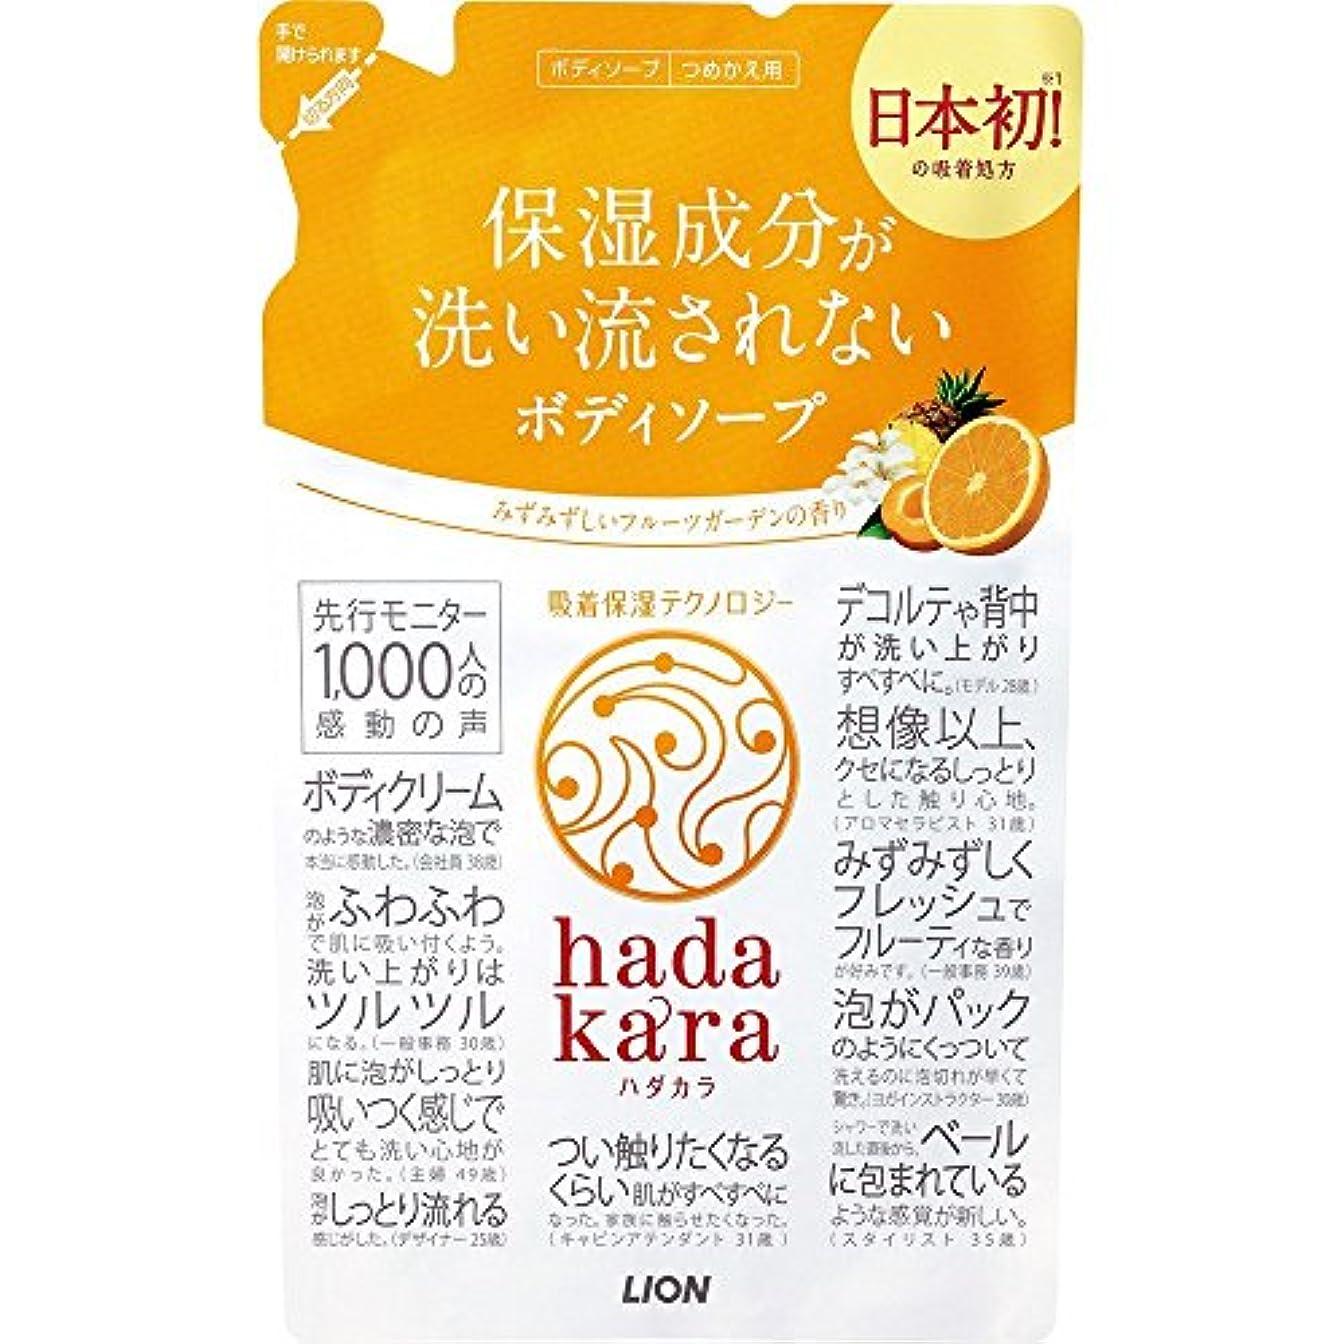 動かす鯨航空hadakara(ハダカラ) ボディソープ フルーツガーデンの香り 詰め替え 360ml